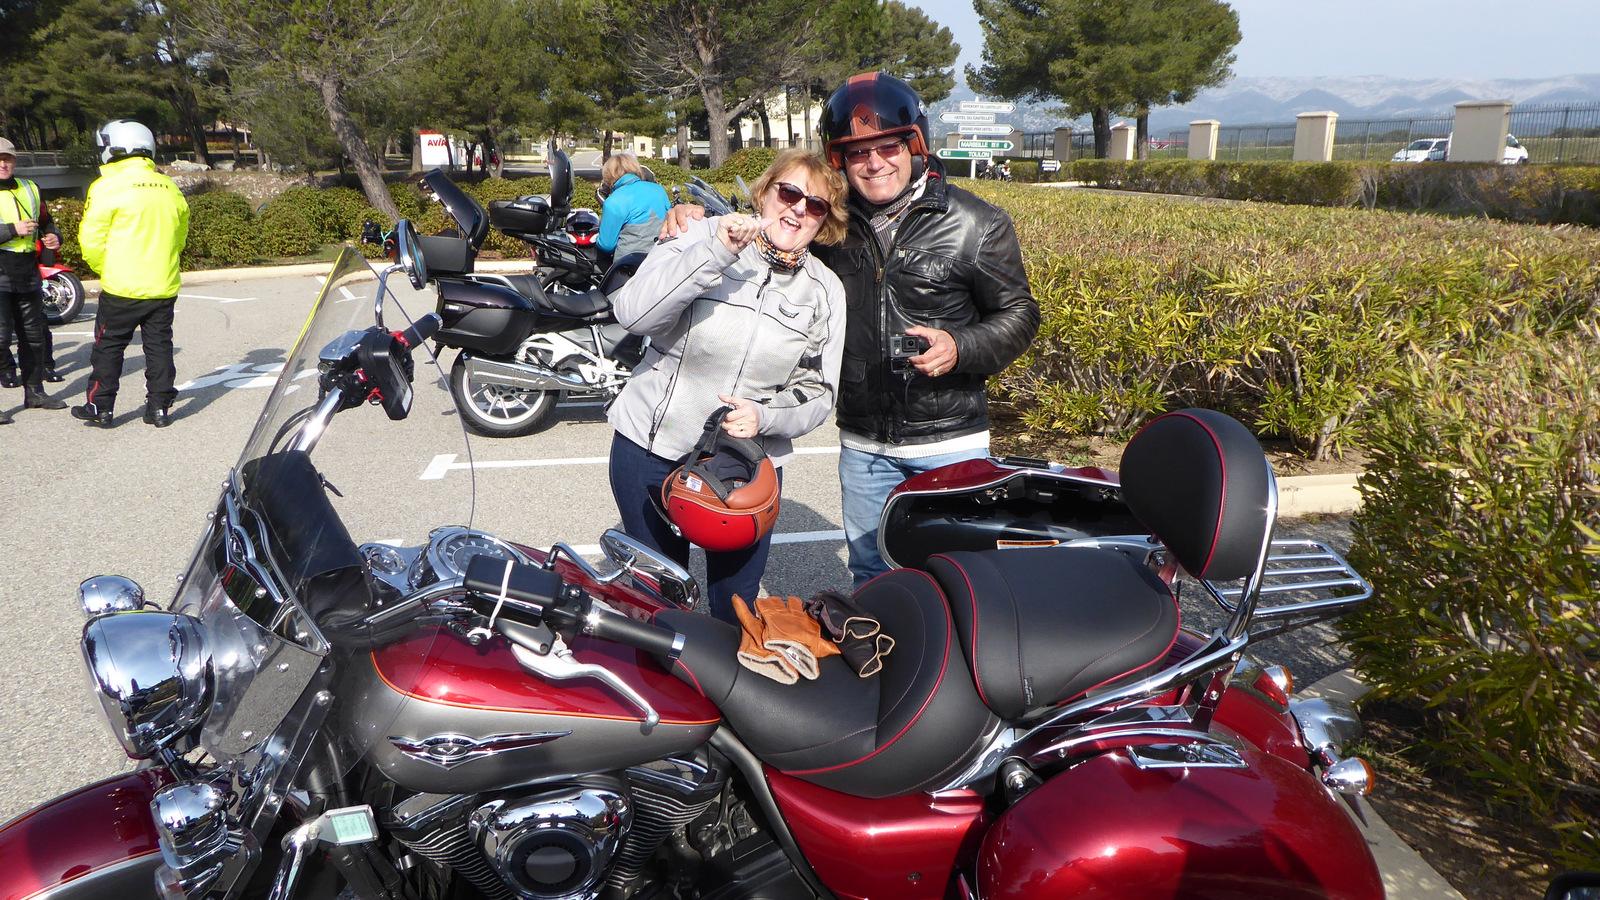 les invités du jour : Pascal et Brigitte en Kawasaki VN 1700 classic Tourer